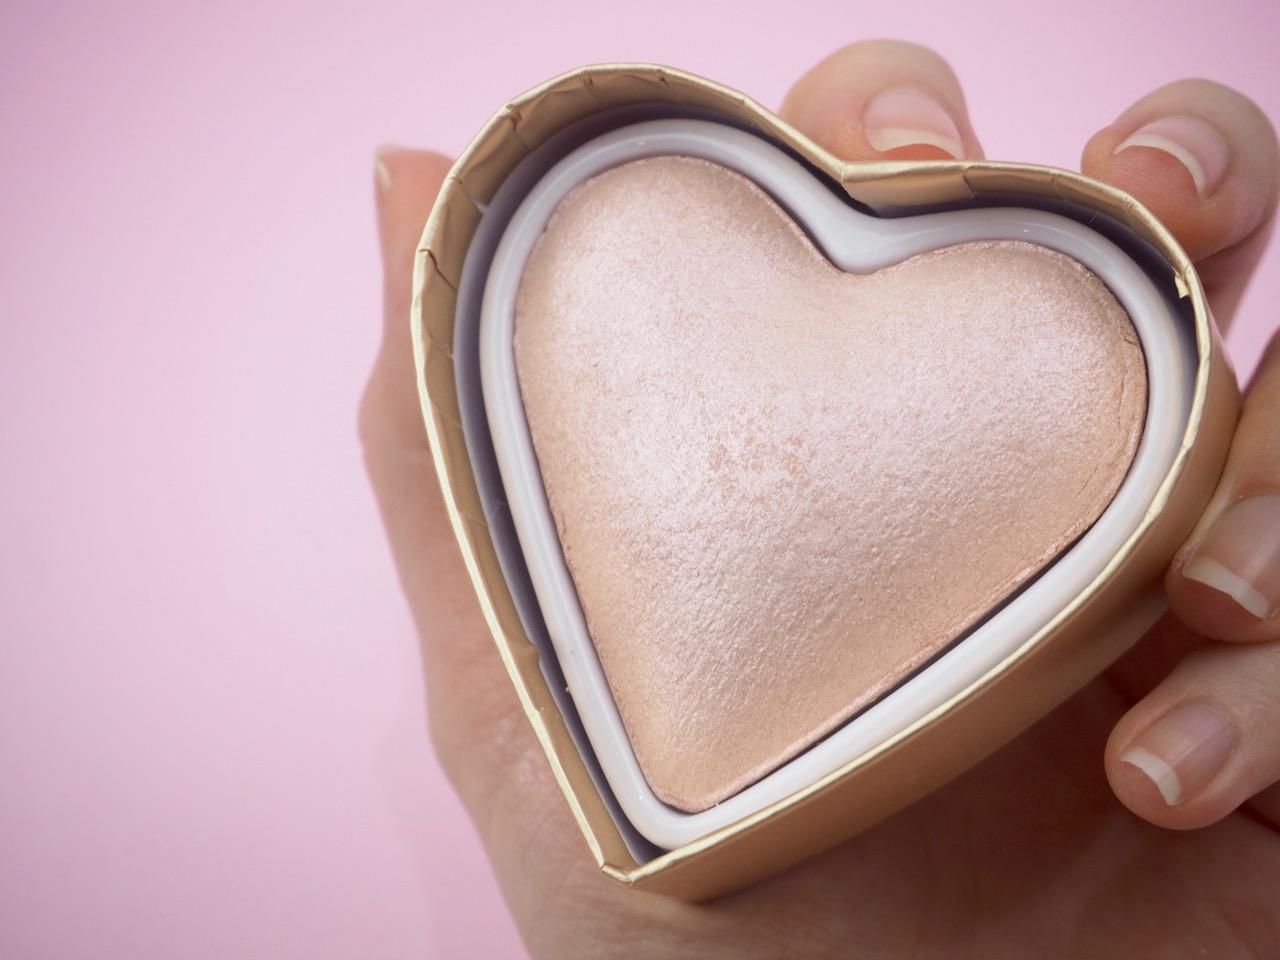 Ostolakossa Makeup Revolution meikkituotteet kokemuksia Ostolakossa Virve Vee